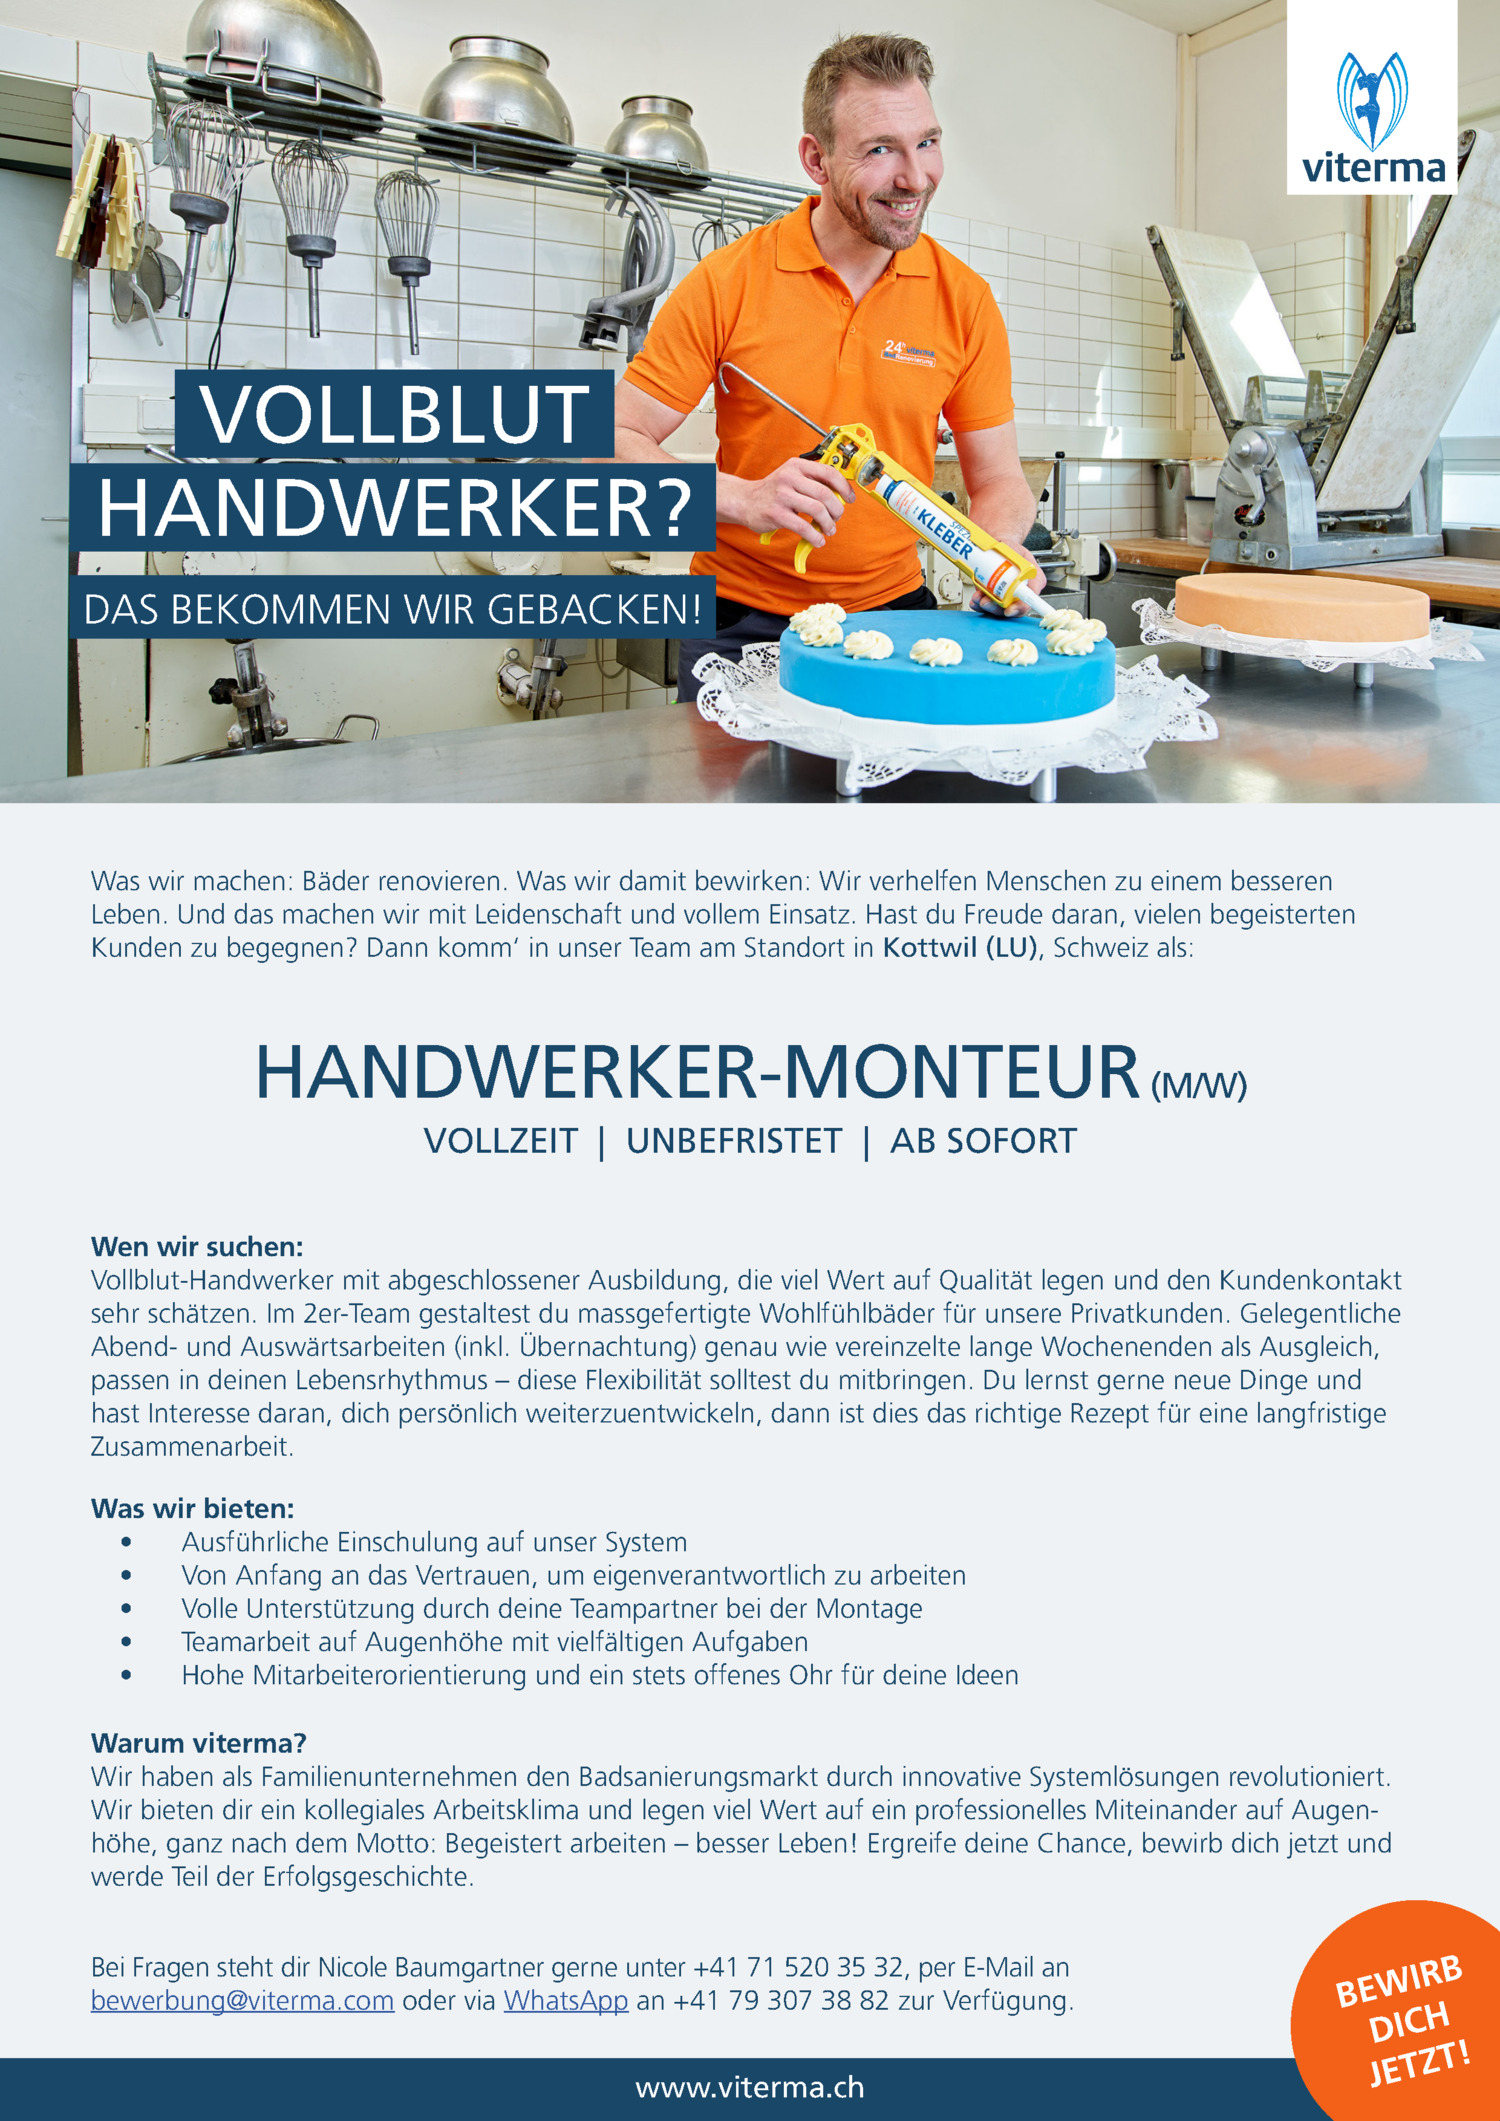 Inserat Handwerker-Monteur (m/w)